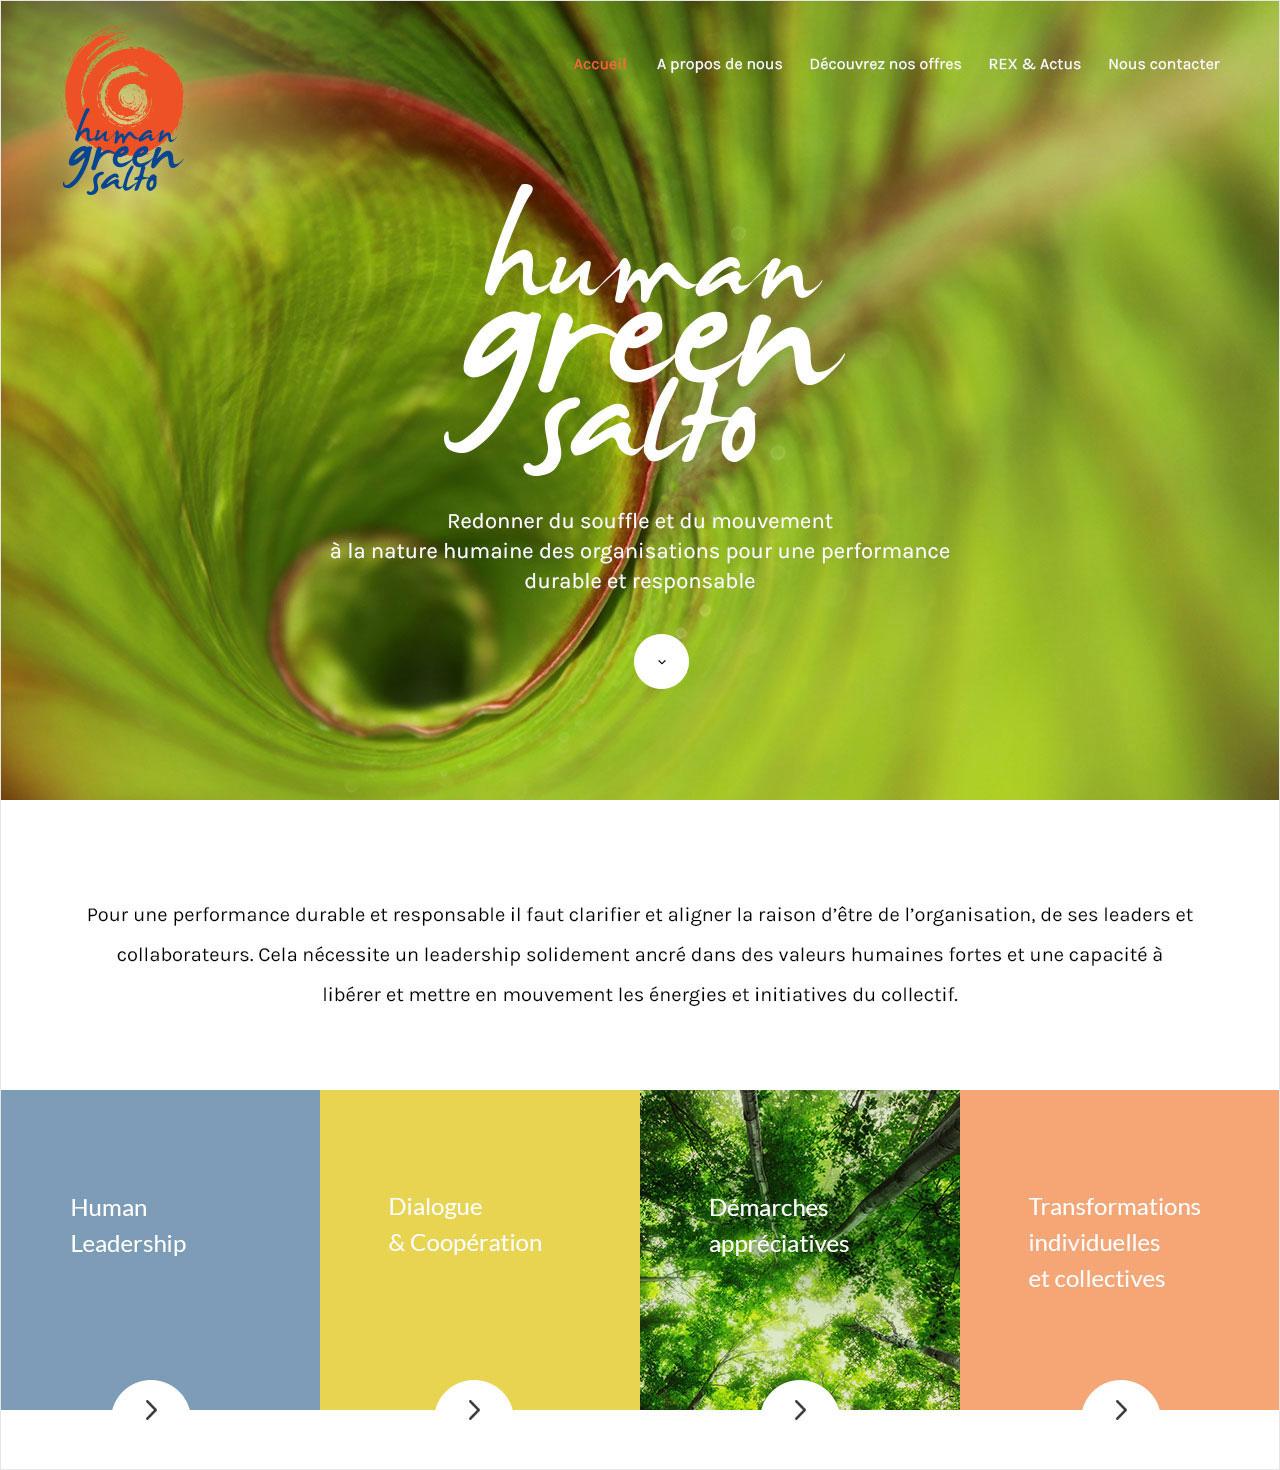 HumanGreenSalto-Site-Img4